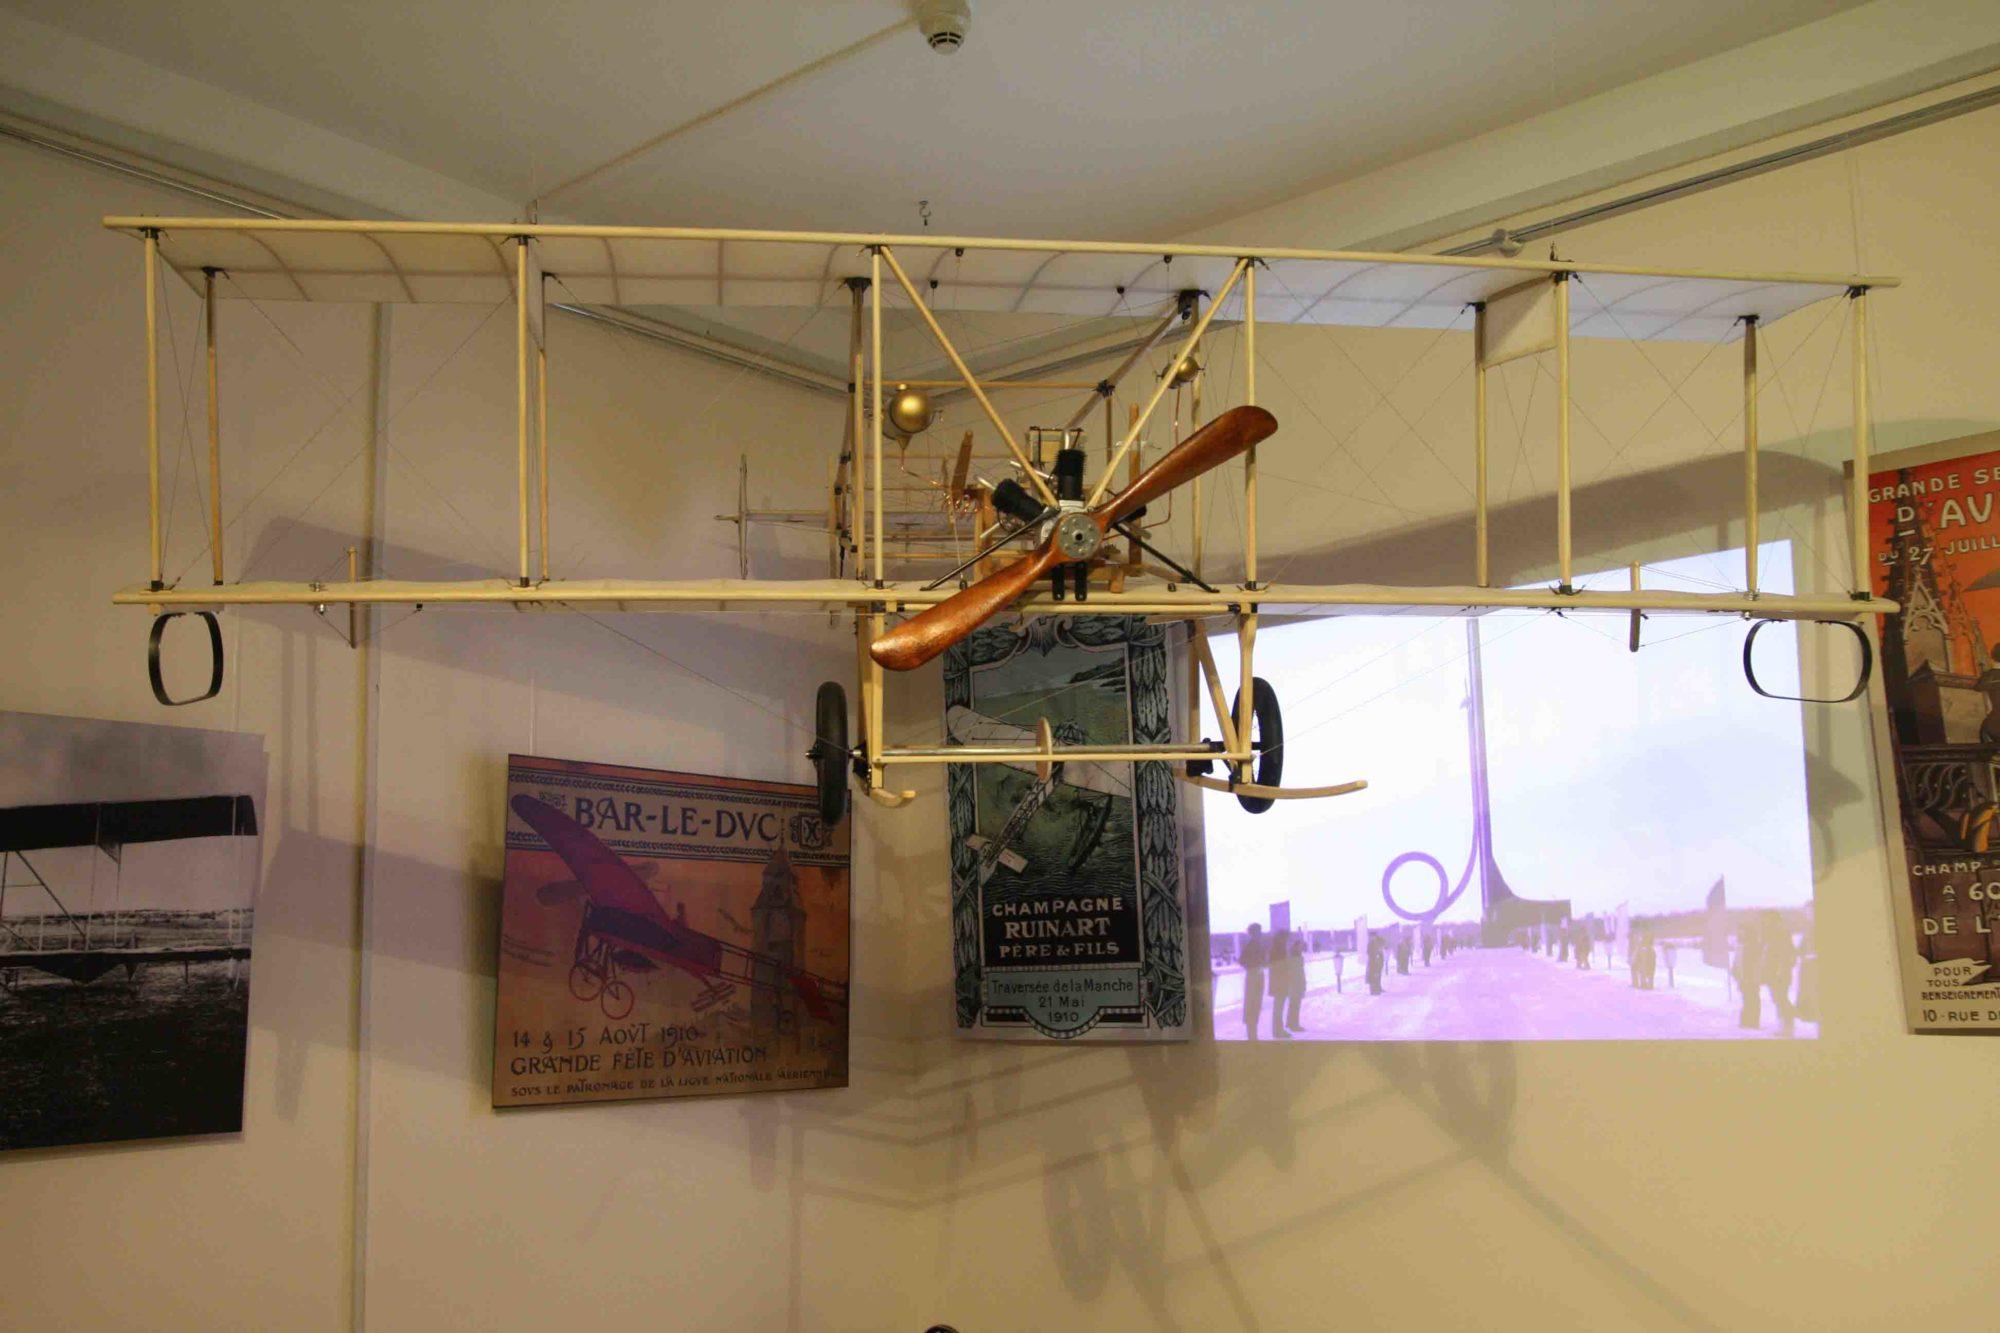 До дня народження легендарного авіаконструктора - Ігоря Сікорського, у Києві відкриють виставку -  - Diaspora 2000x1333